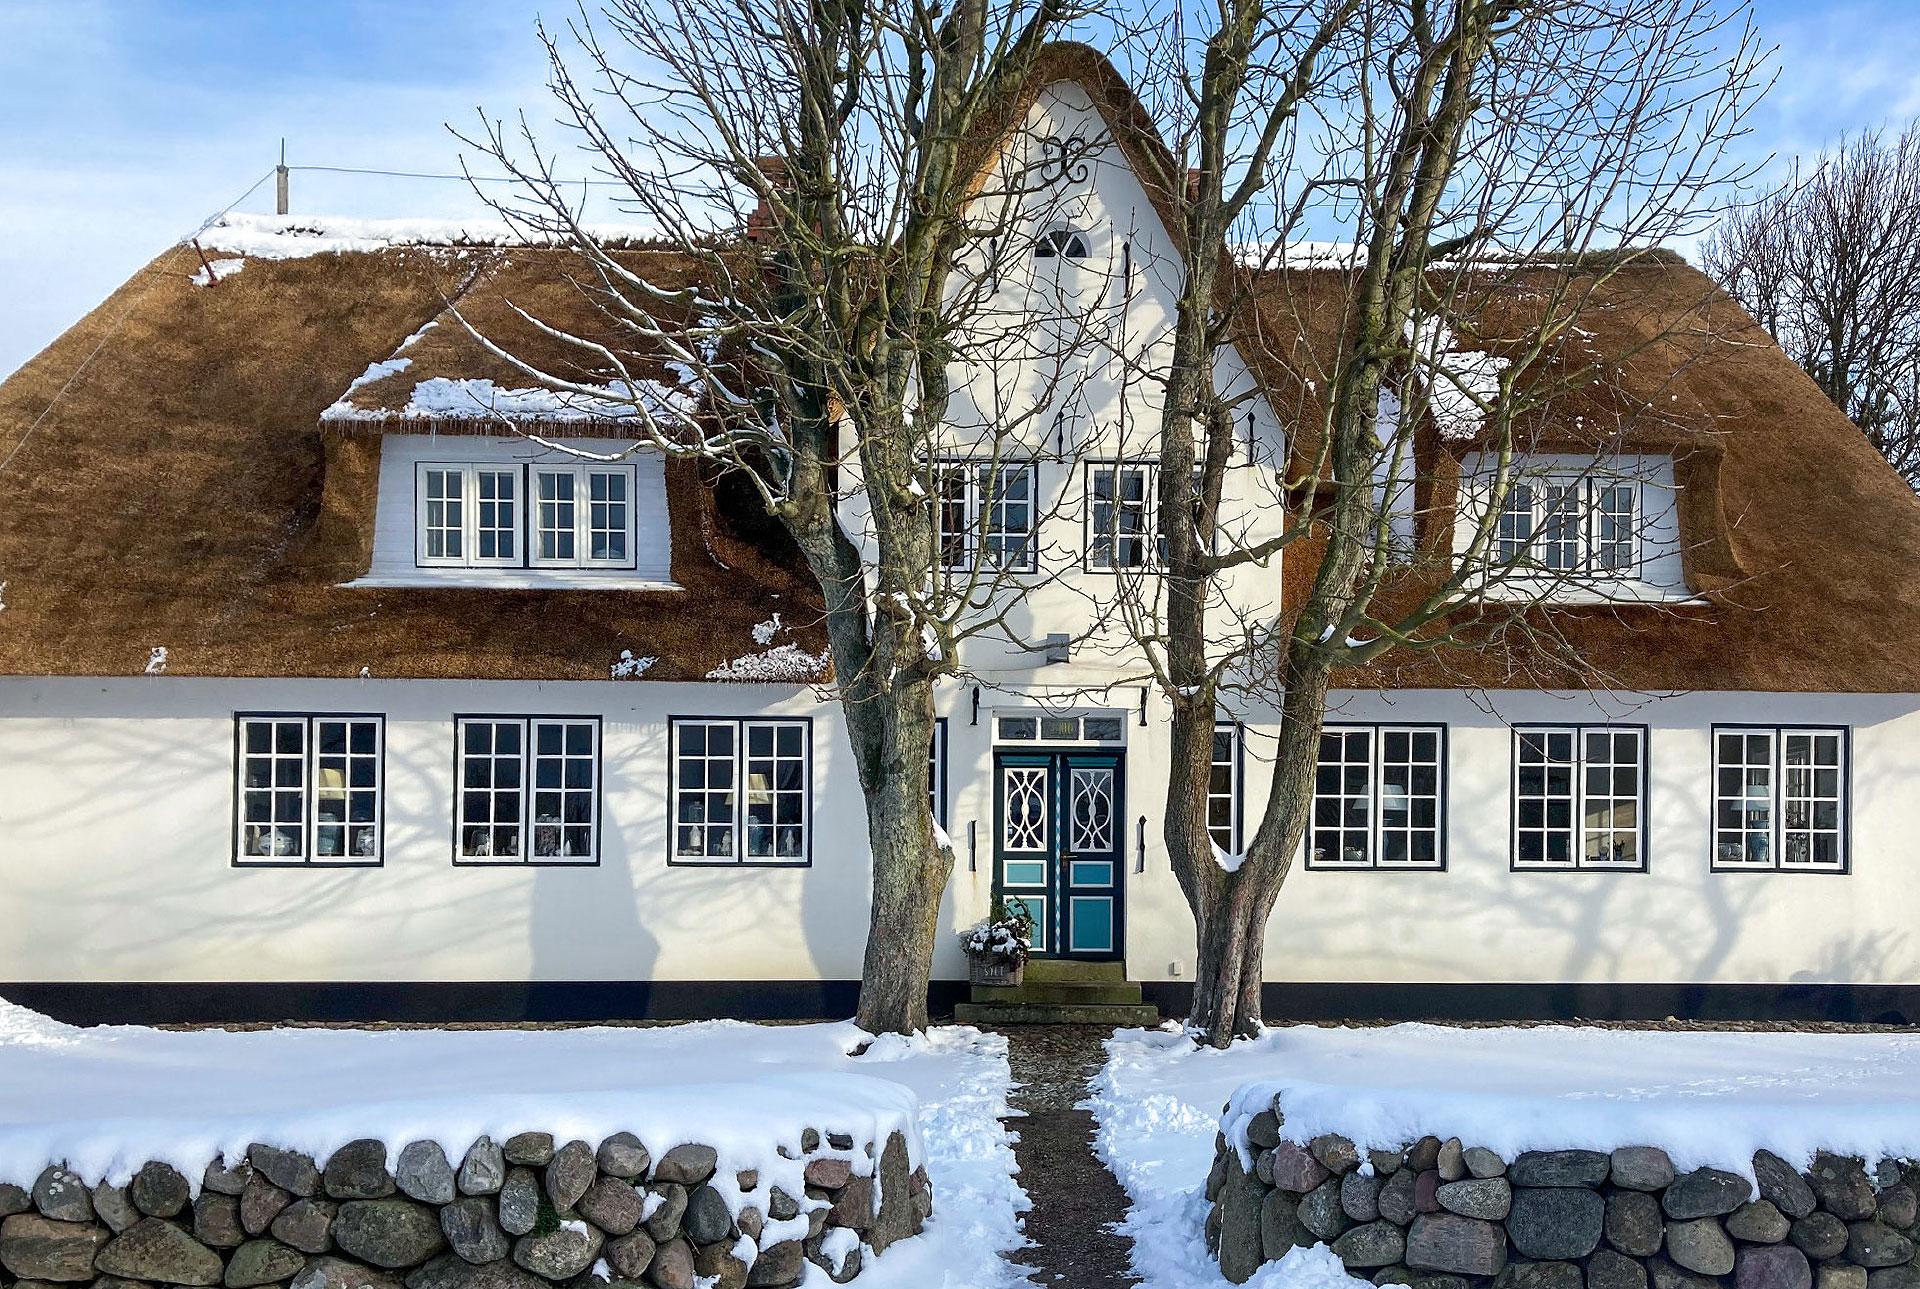 bild-galerie_winter2021_benen-diken-hof_hotel_2021-13